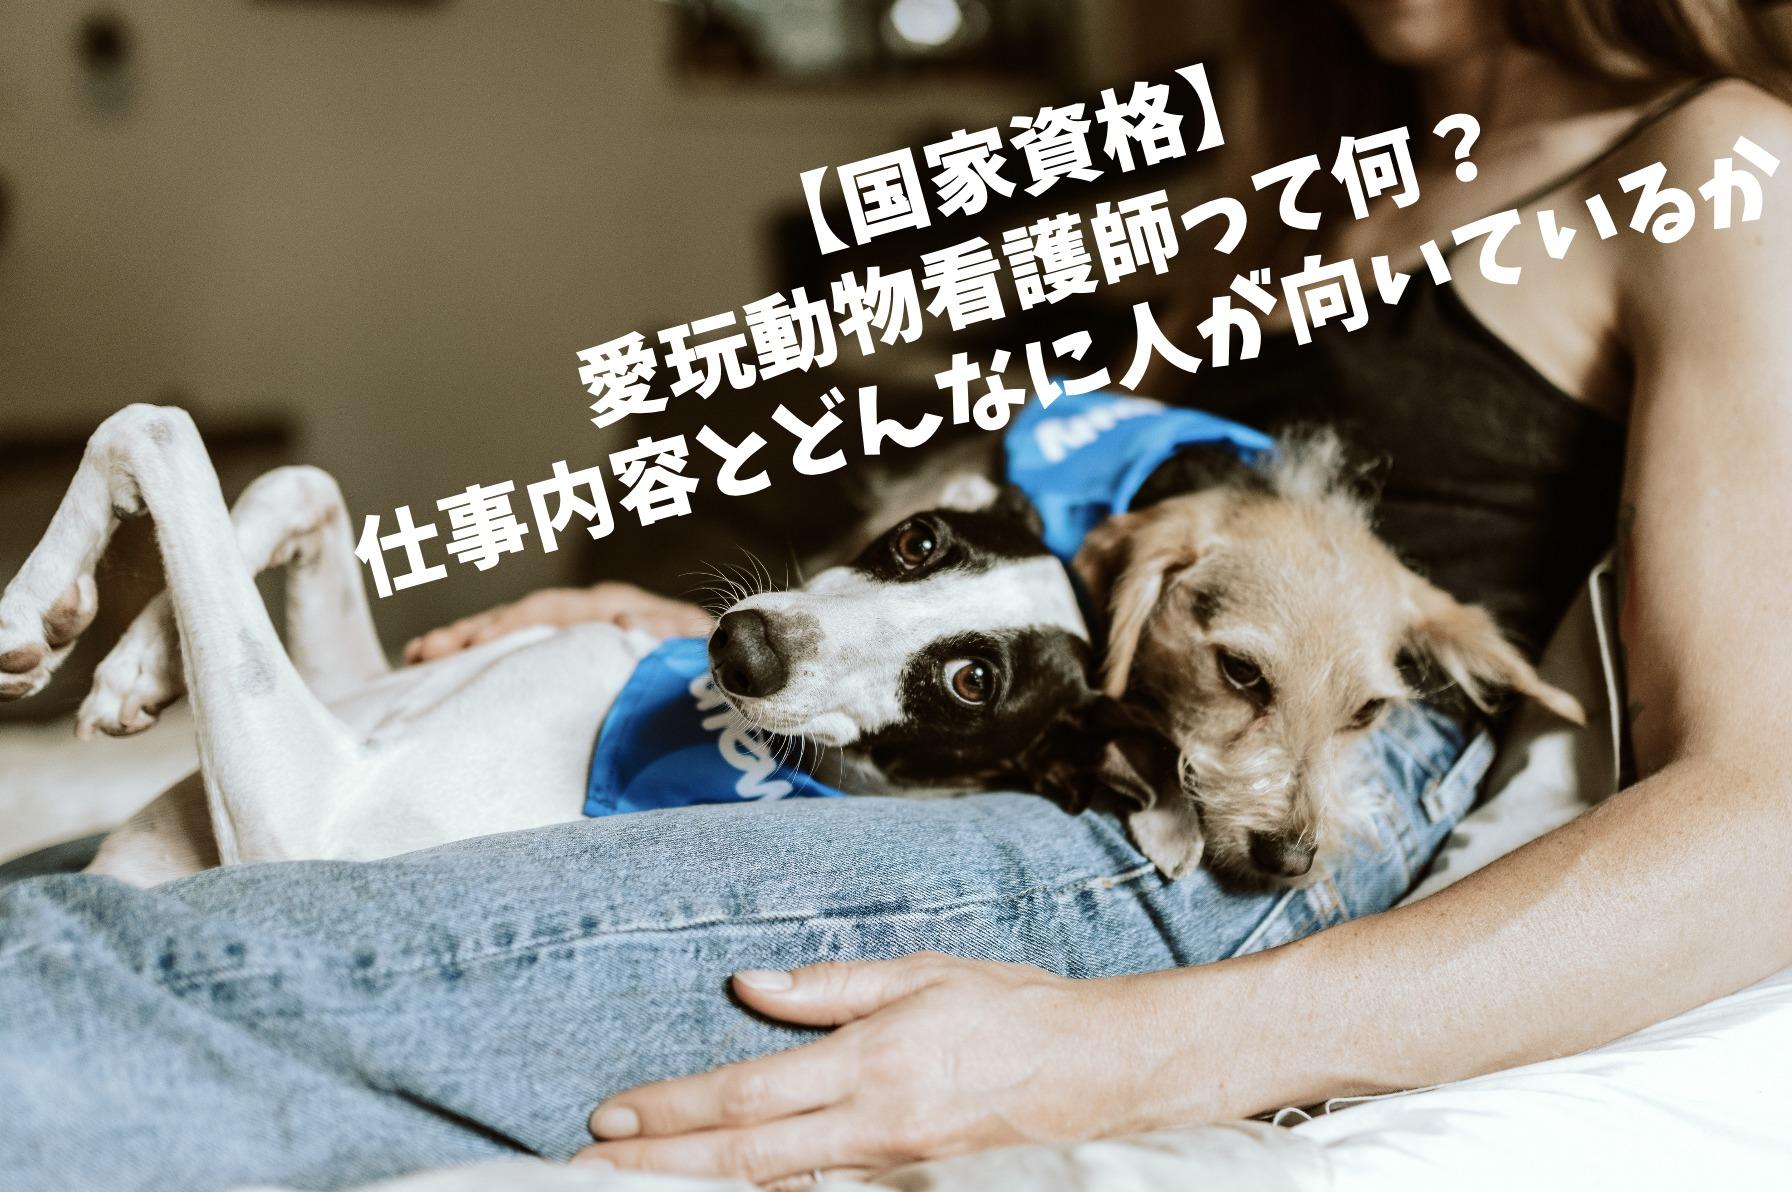 【国家資格】愛玩動物看護師って何?仕事内容とどんな人が向いている...